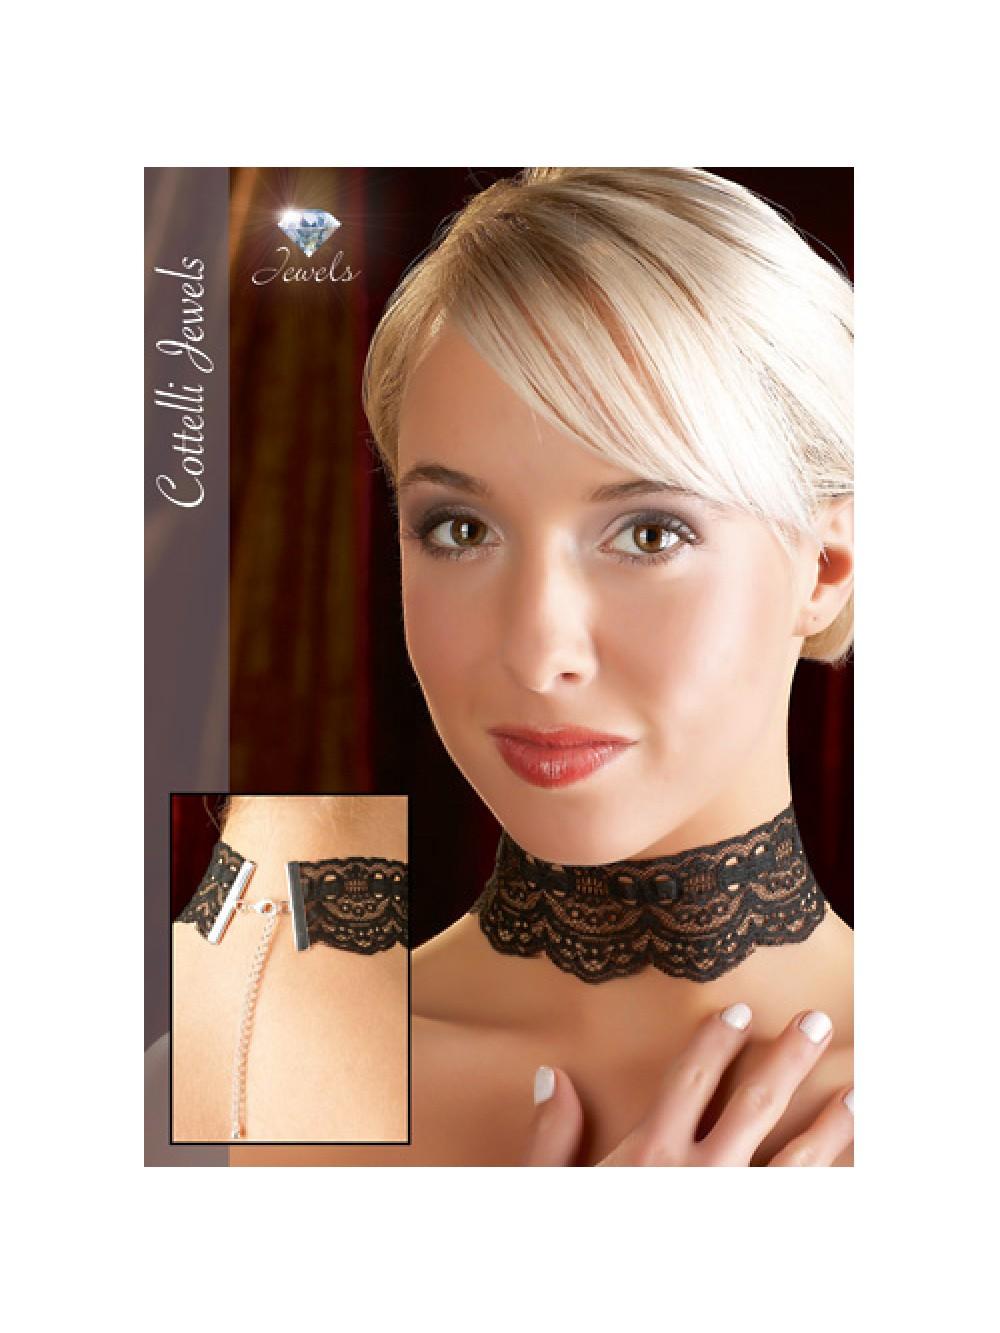 Lace necklace 4024144022106